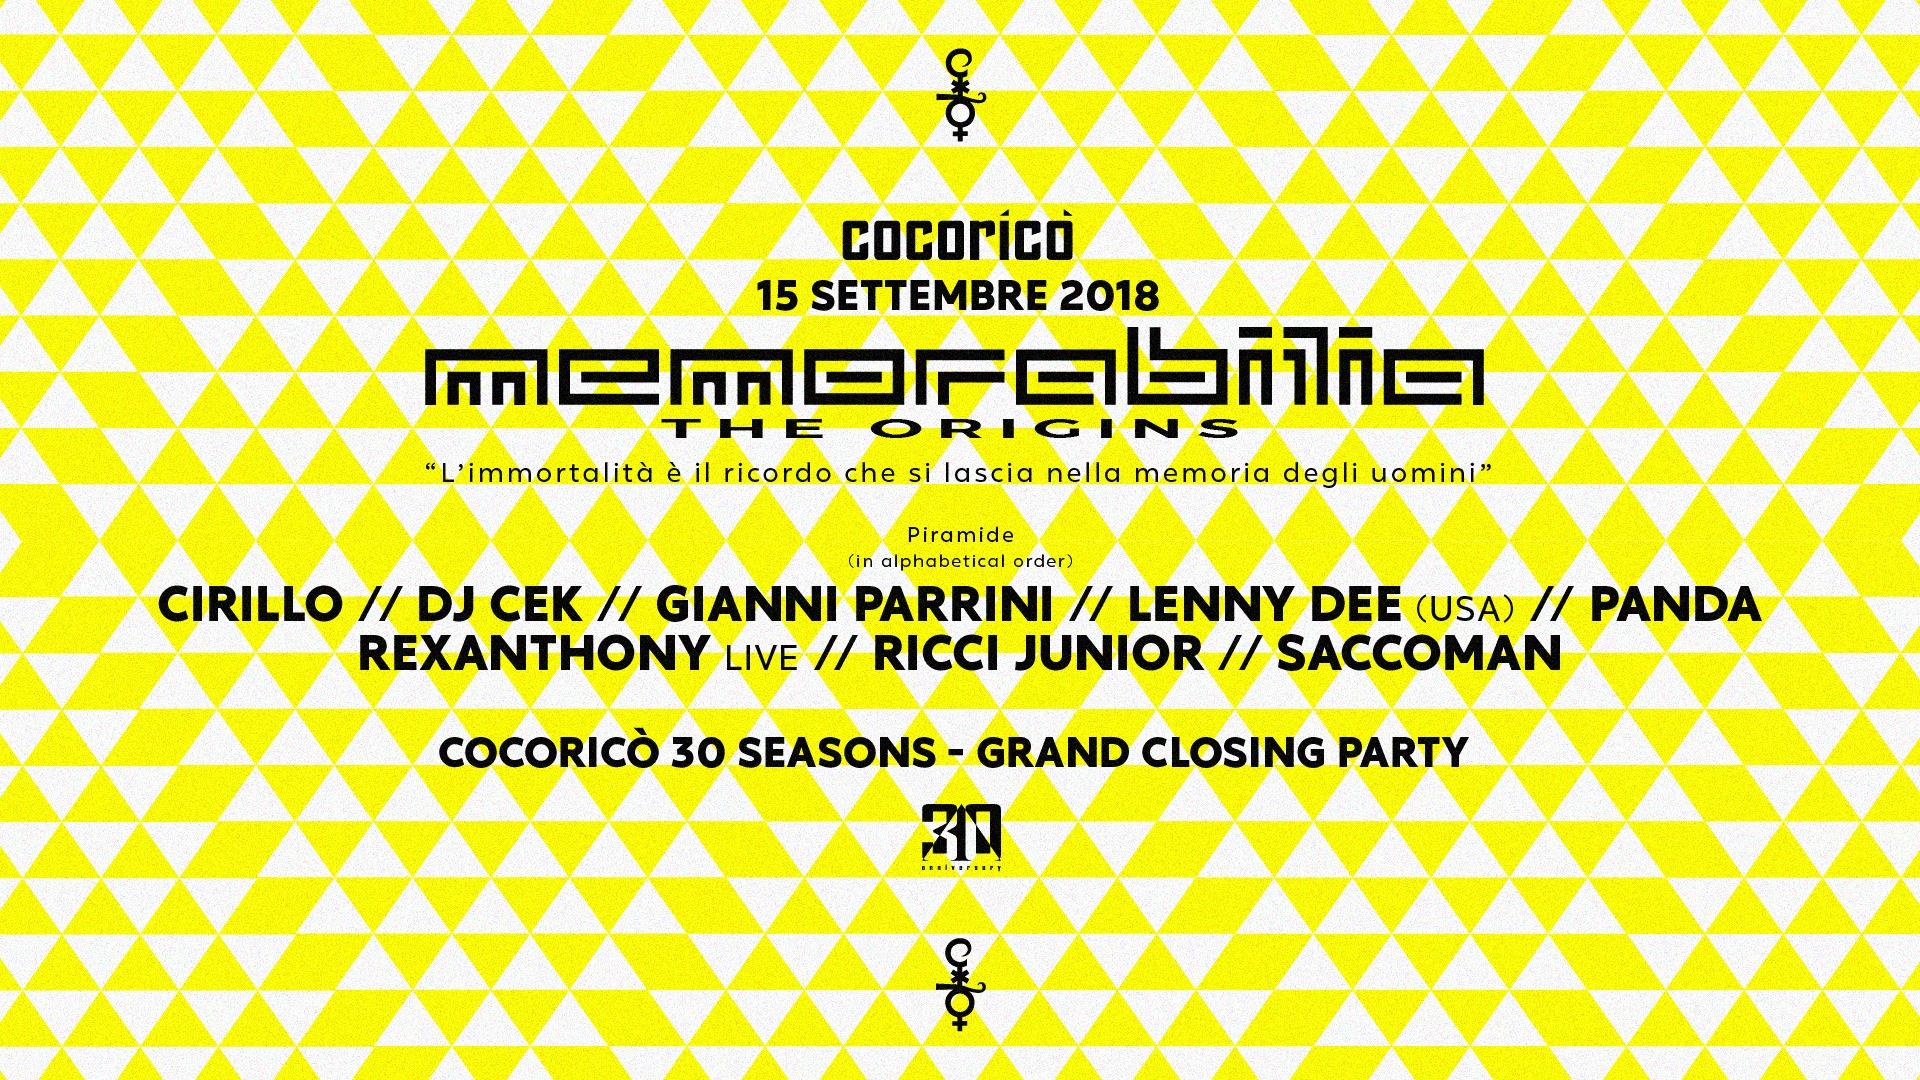 MEMORABILIA | COCORICO' | Grand Closing Party  | 15 Settembre 2018